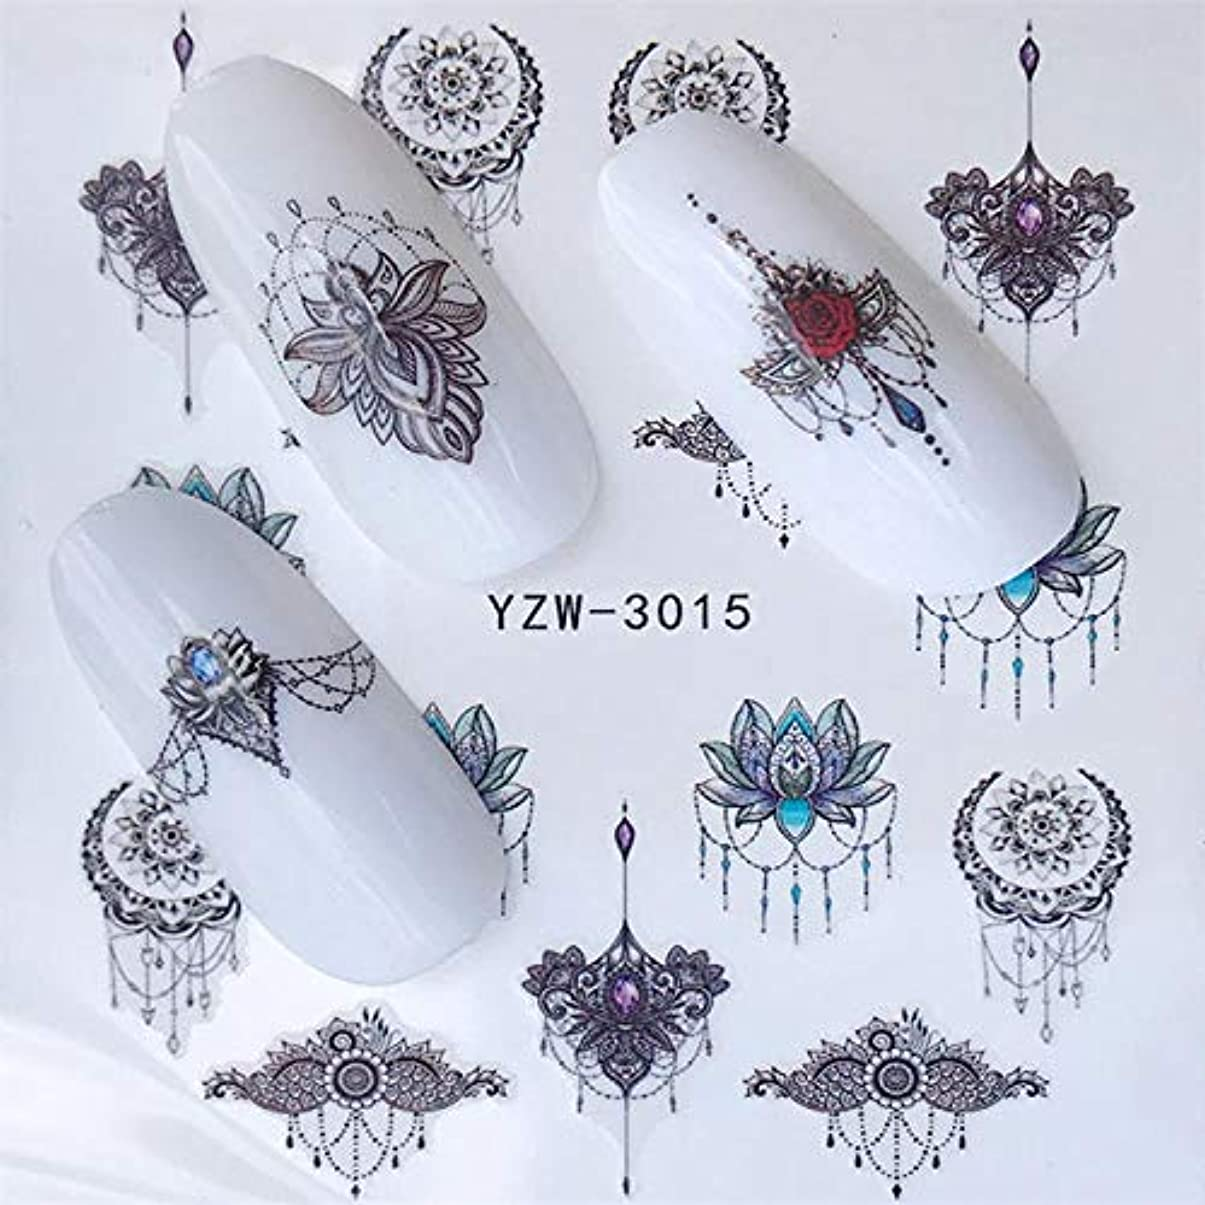 台風生好意的SUKTI&XIAO ネイルステッカー ネイルアートの透かしの入れ墨の装飾、Yzw-3015のためのネックレスの設計を設計して下さい